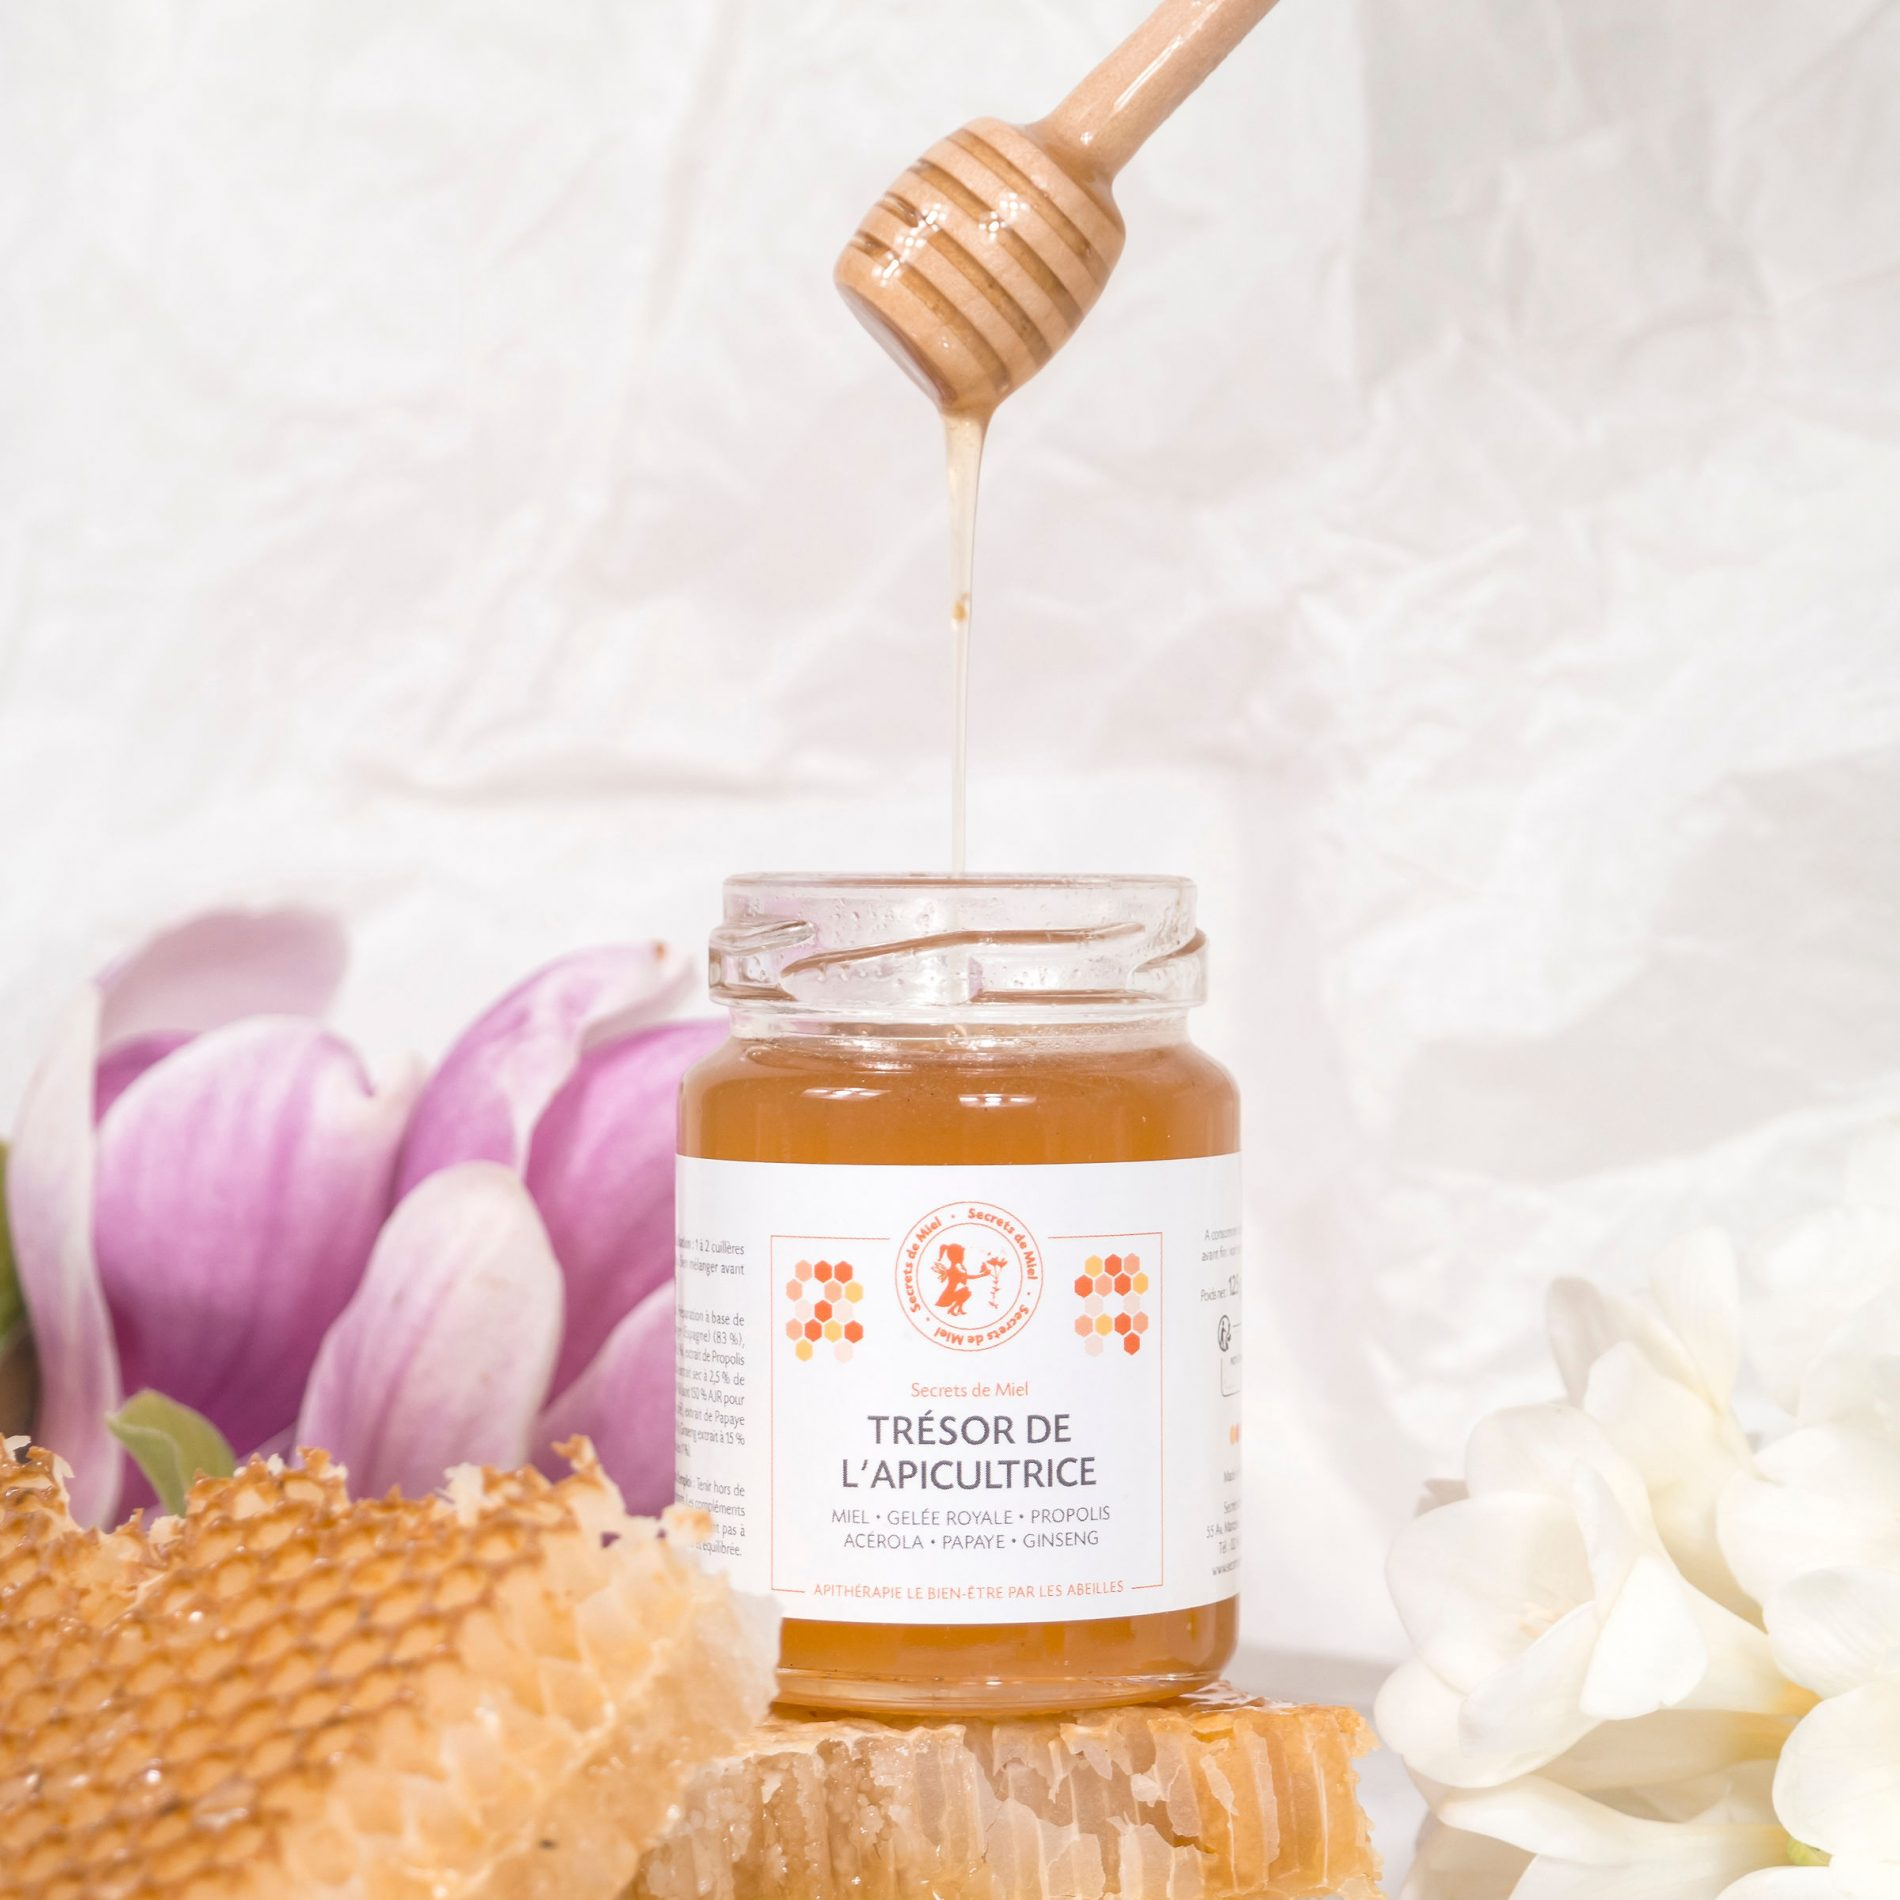 Trésor de l'Apicultrice - miel infusé à la Propolis et à la Gelée Royale - tonus - énergie - Secrets de Miel - produits naturels - produits de la ruche - recettes naturelles - apiculture